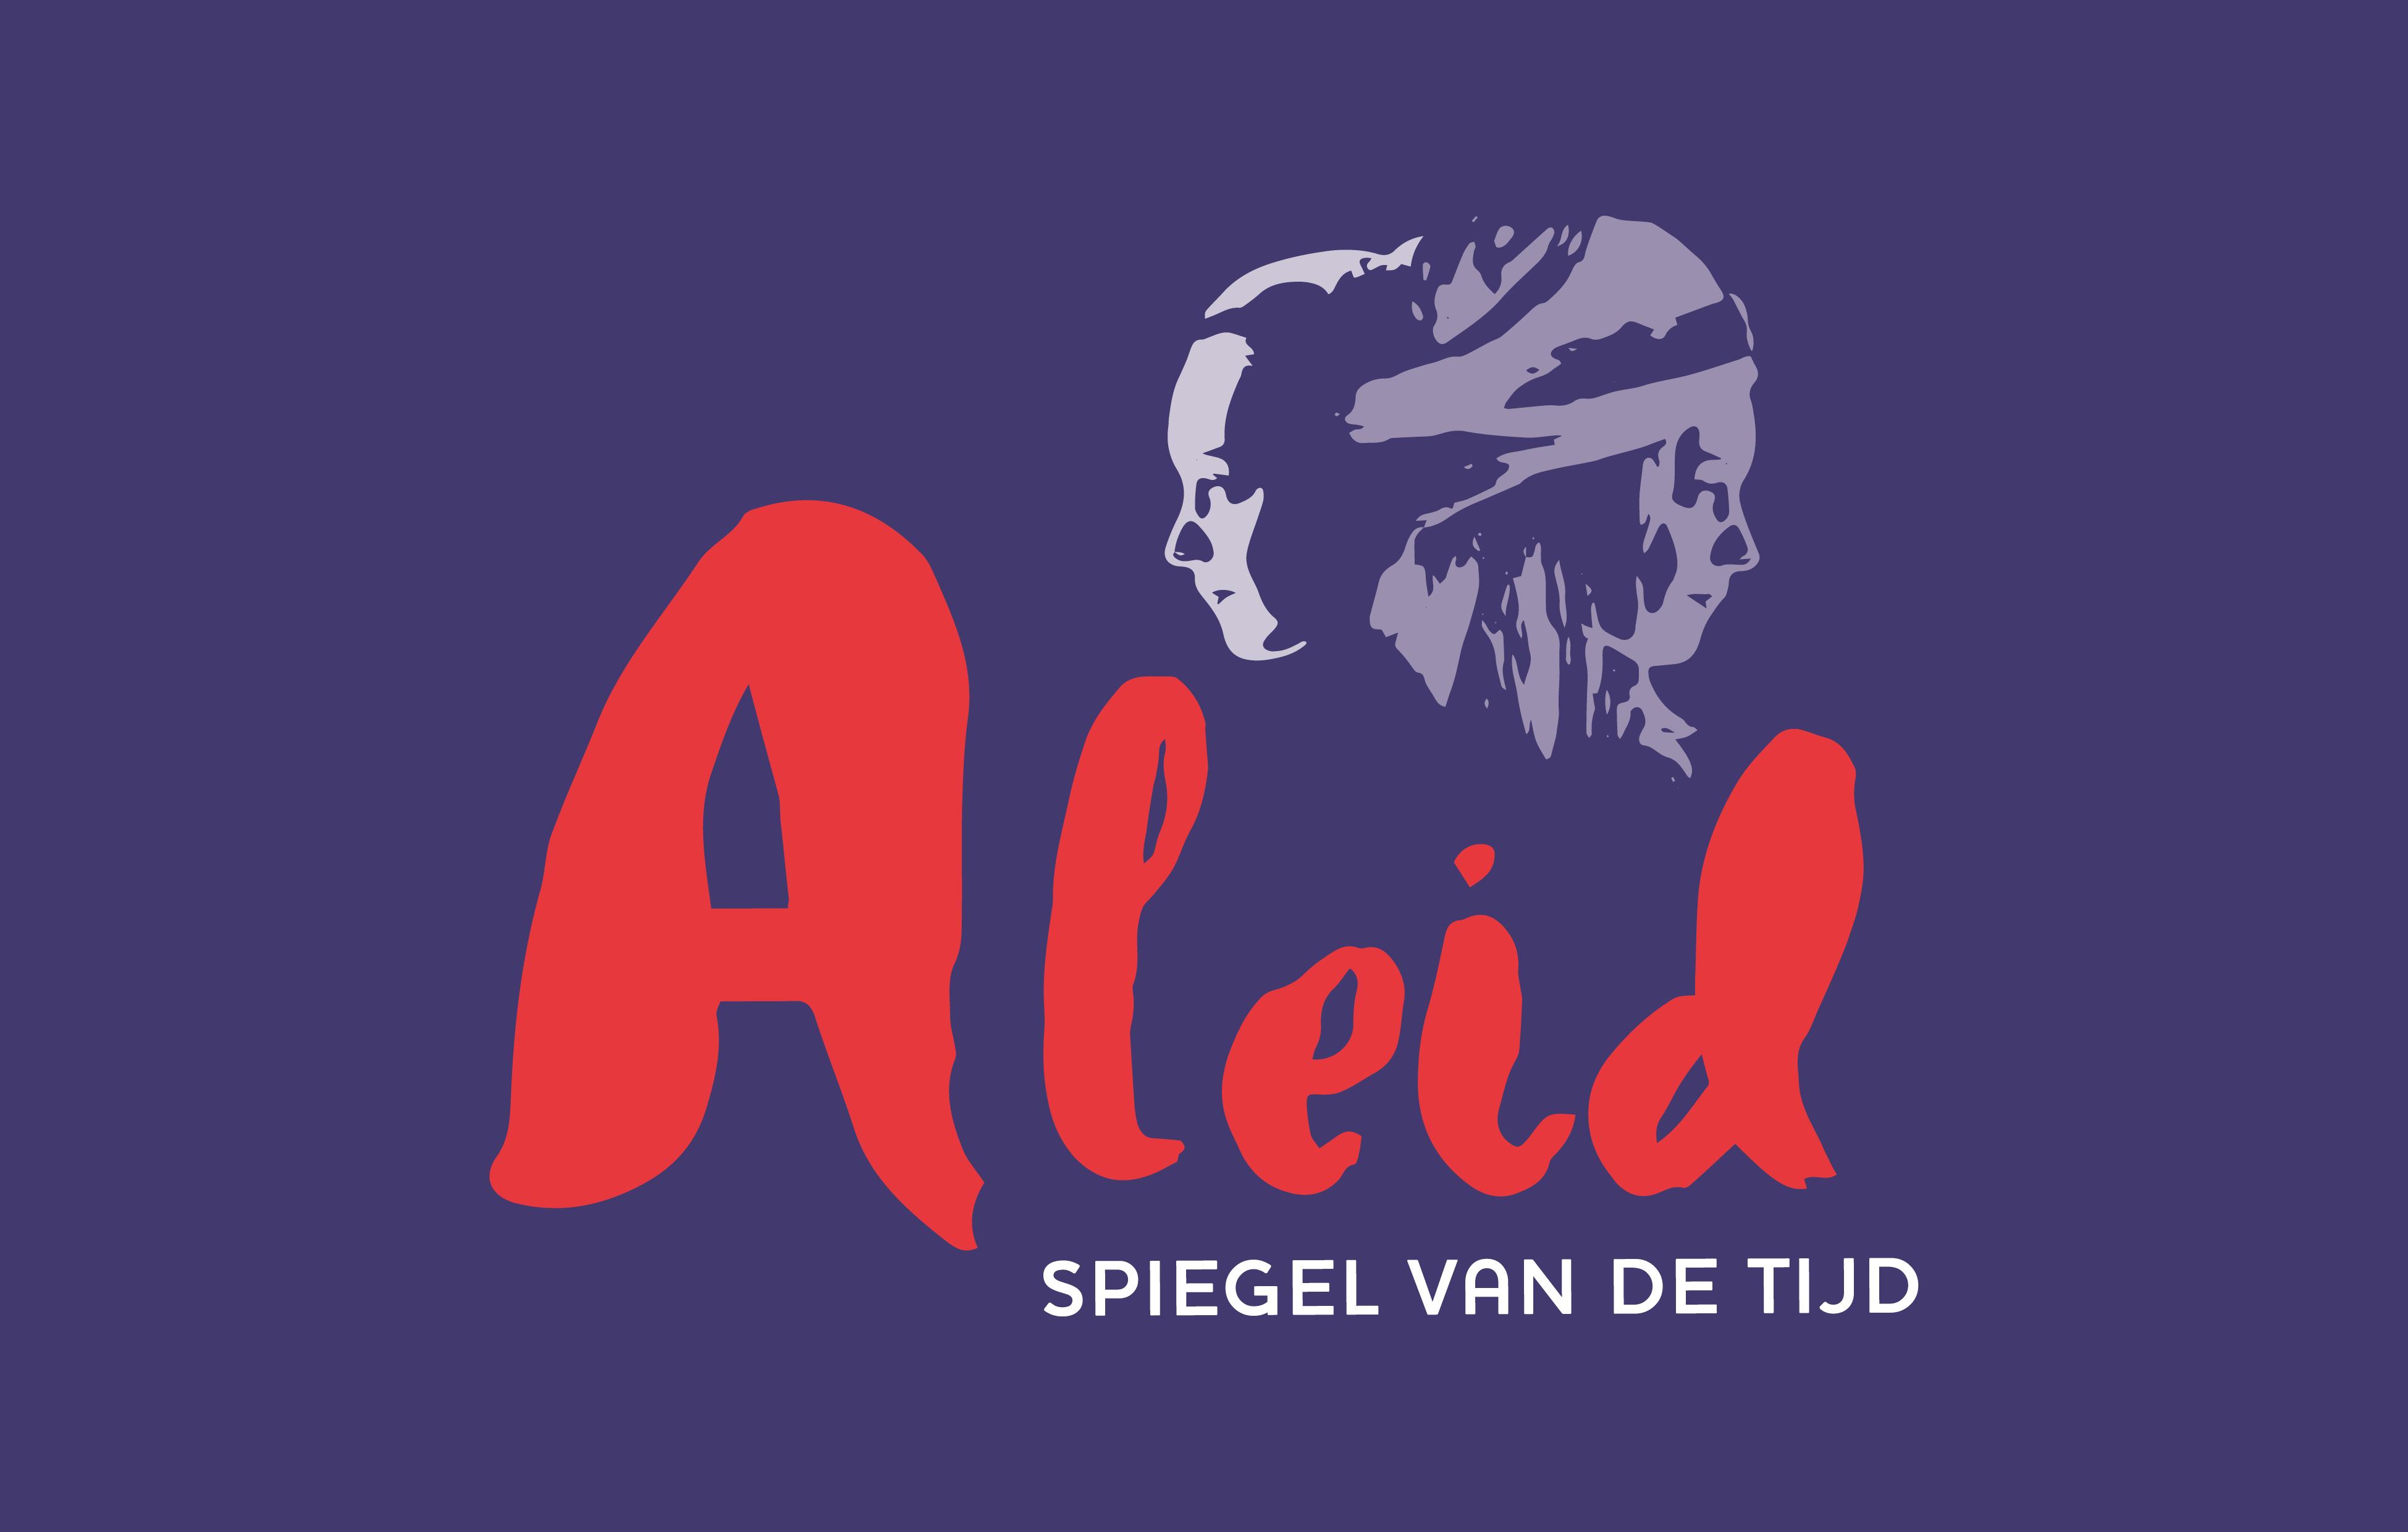 Theaterproductie 'Aleid - Spiegel van de tijd' logo ontwerp